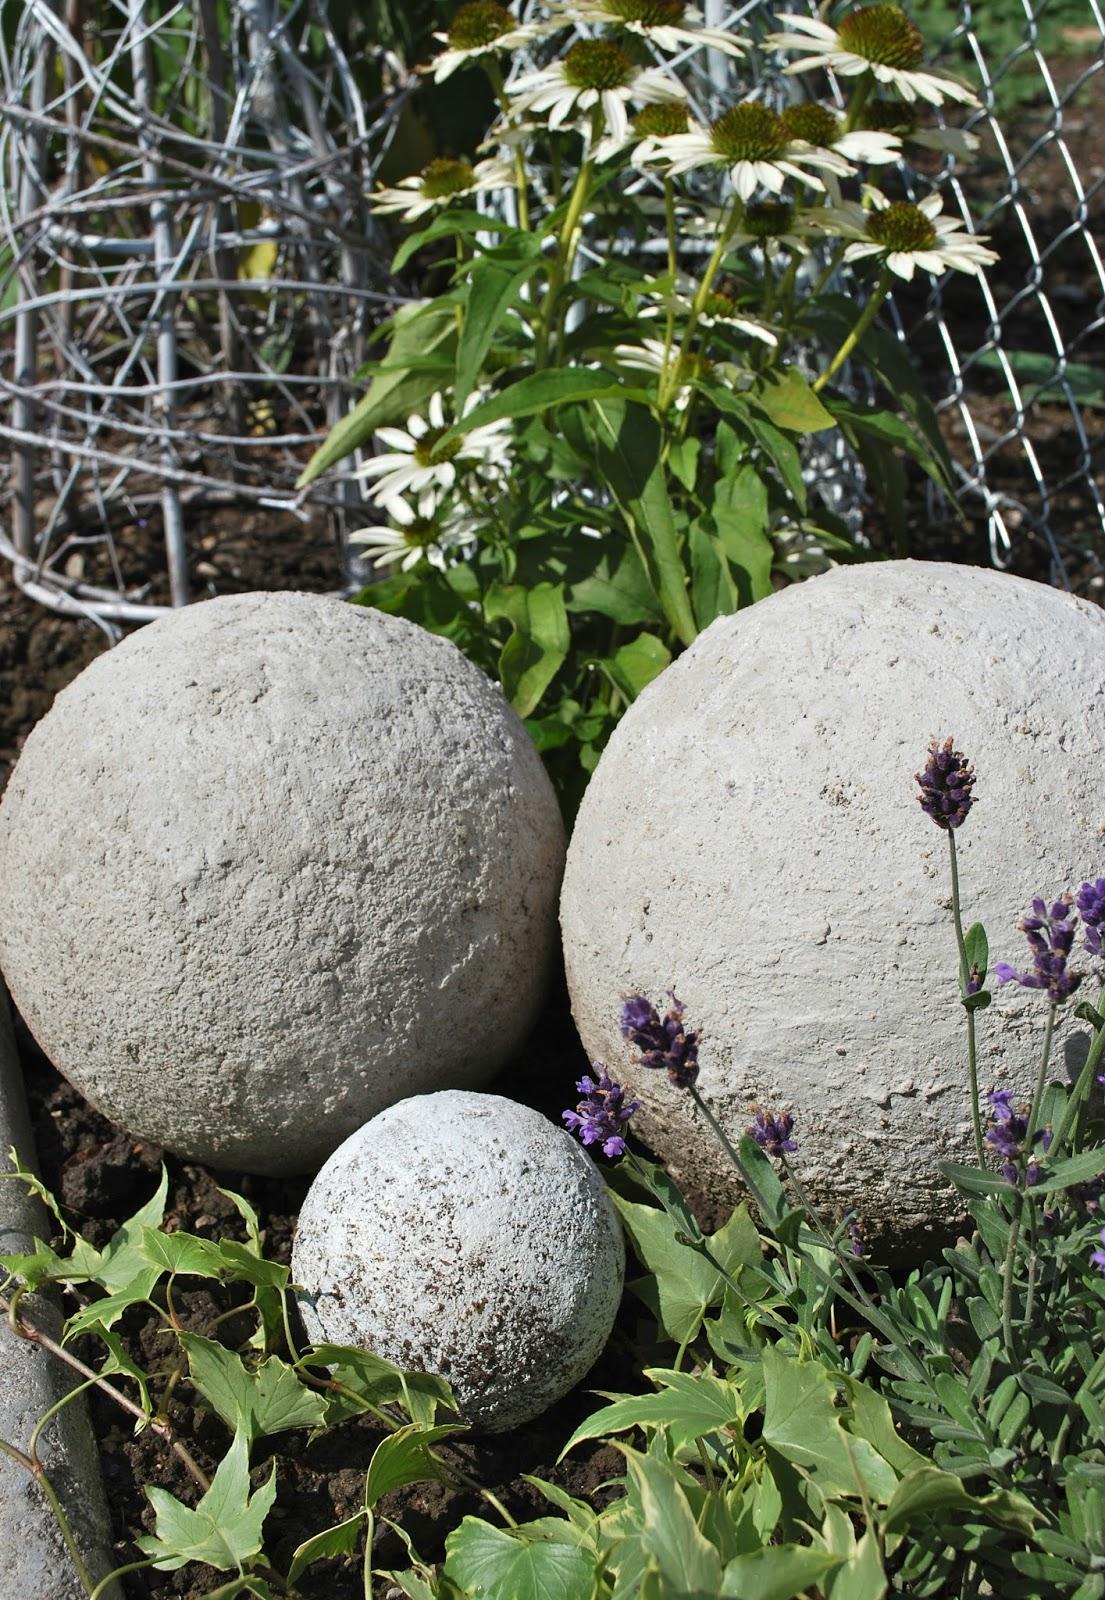 Mamas kram betonkugeln im neuen blumenbeet for Blumenbeet neu gestalten pflanzen